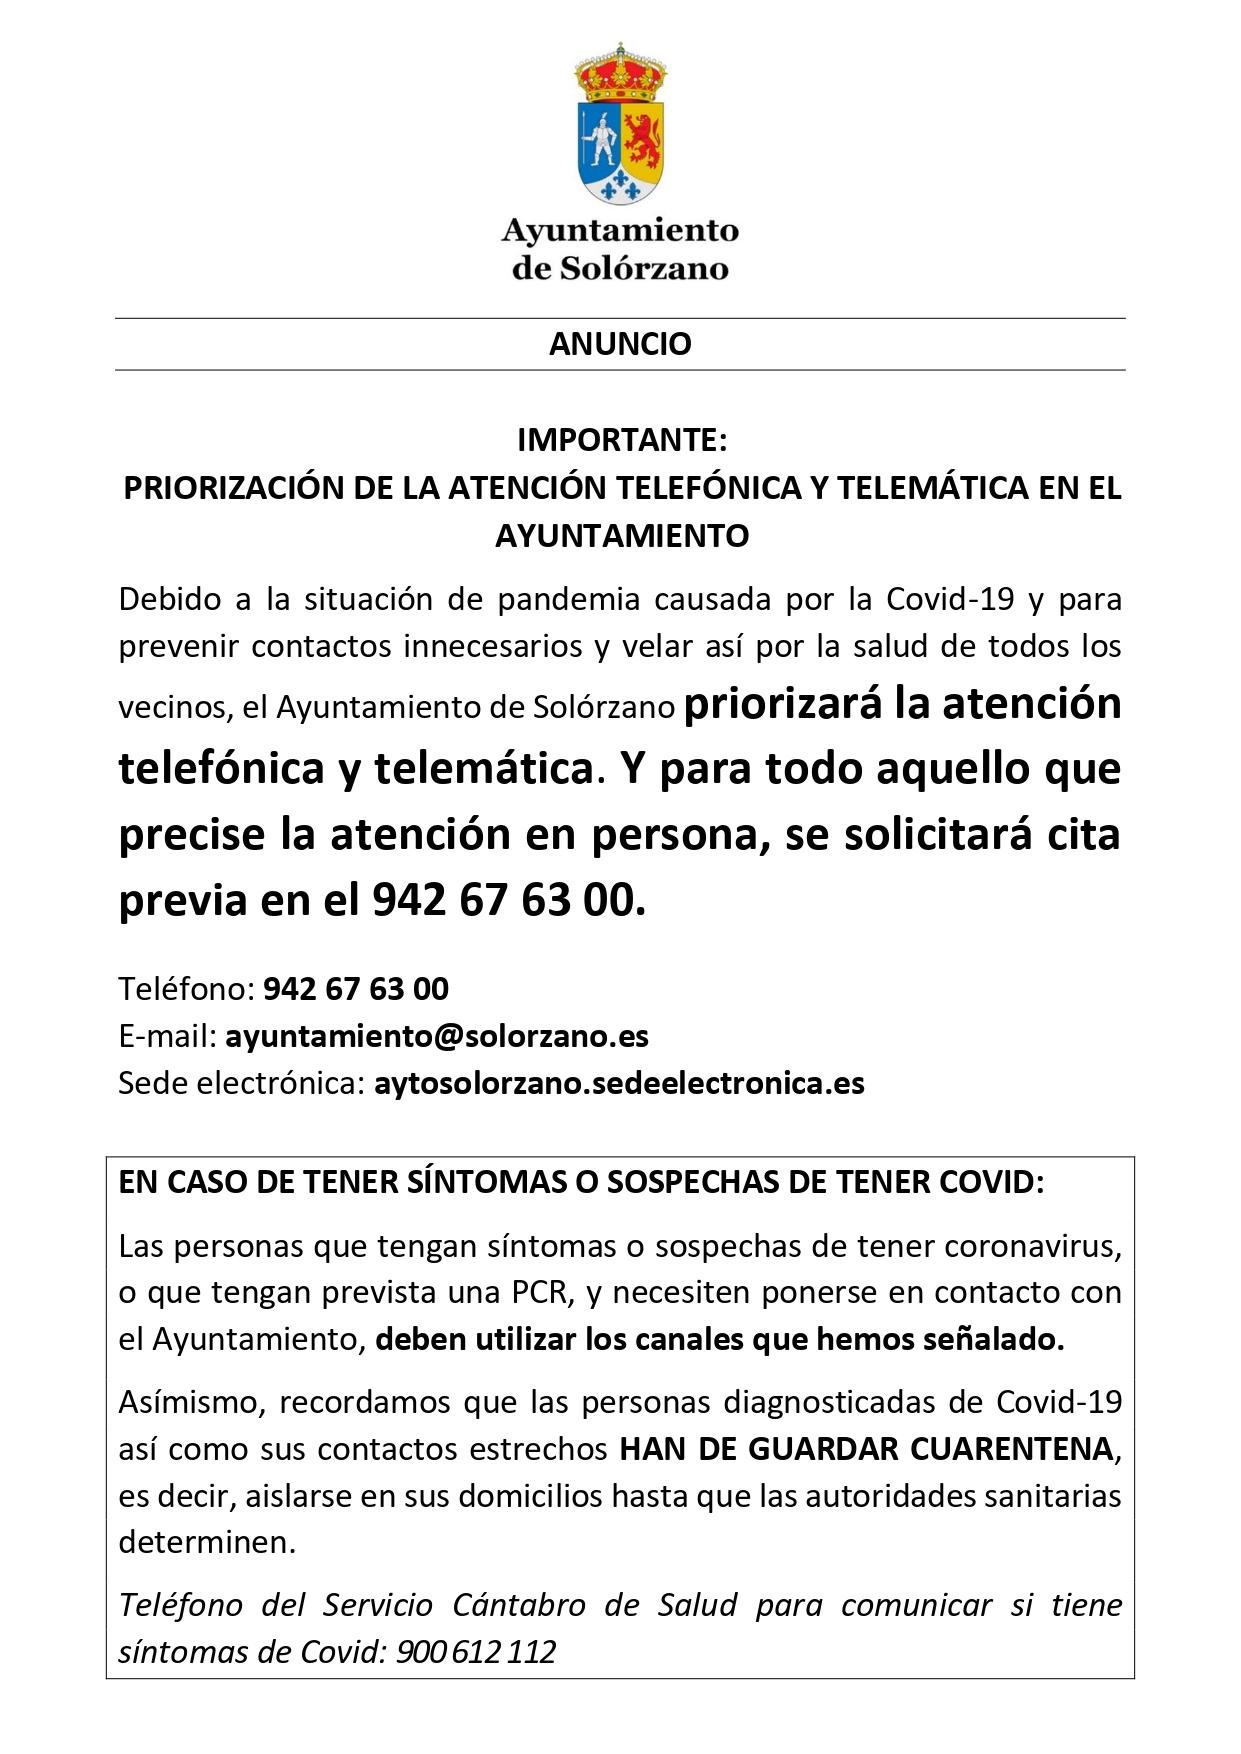 El Ayuntamiento de Solórzano priorizará la atención telefónica y telemática.